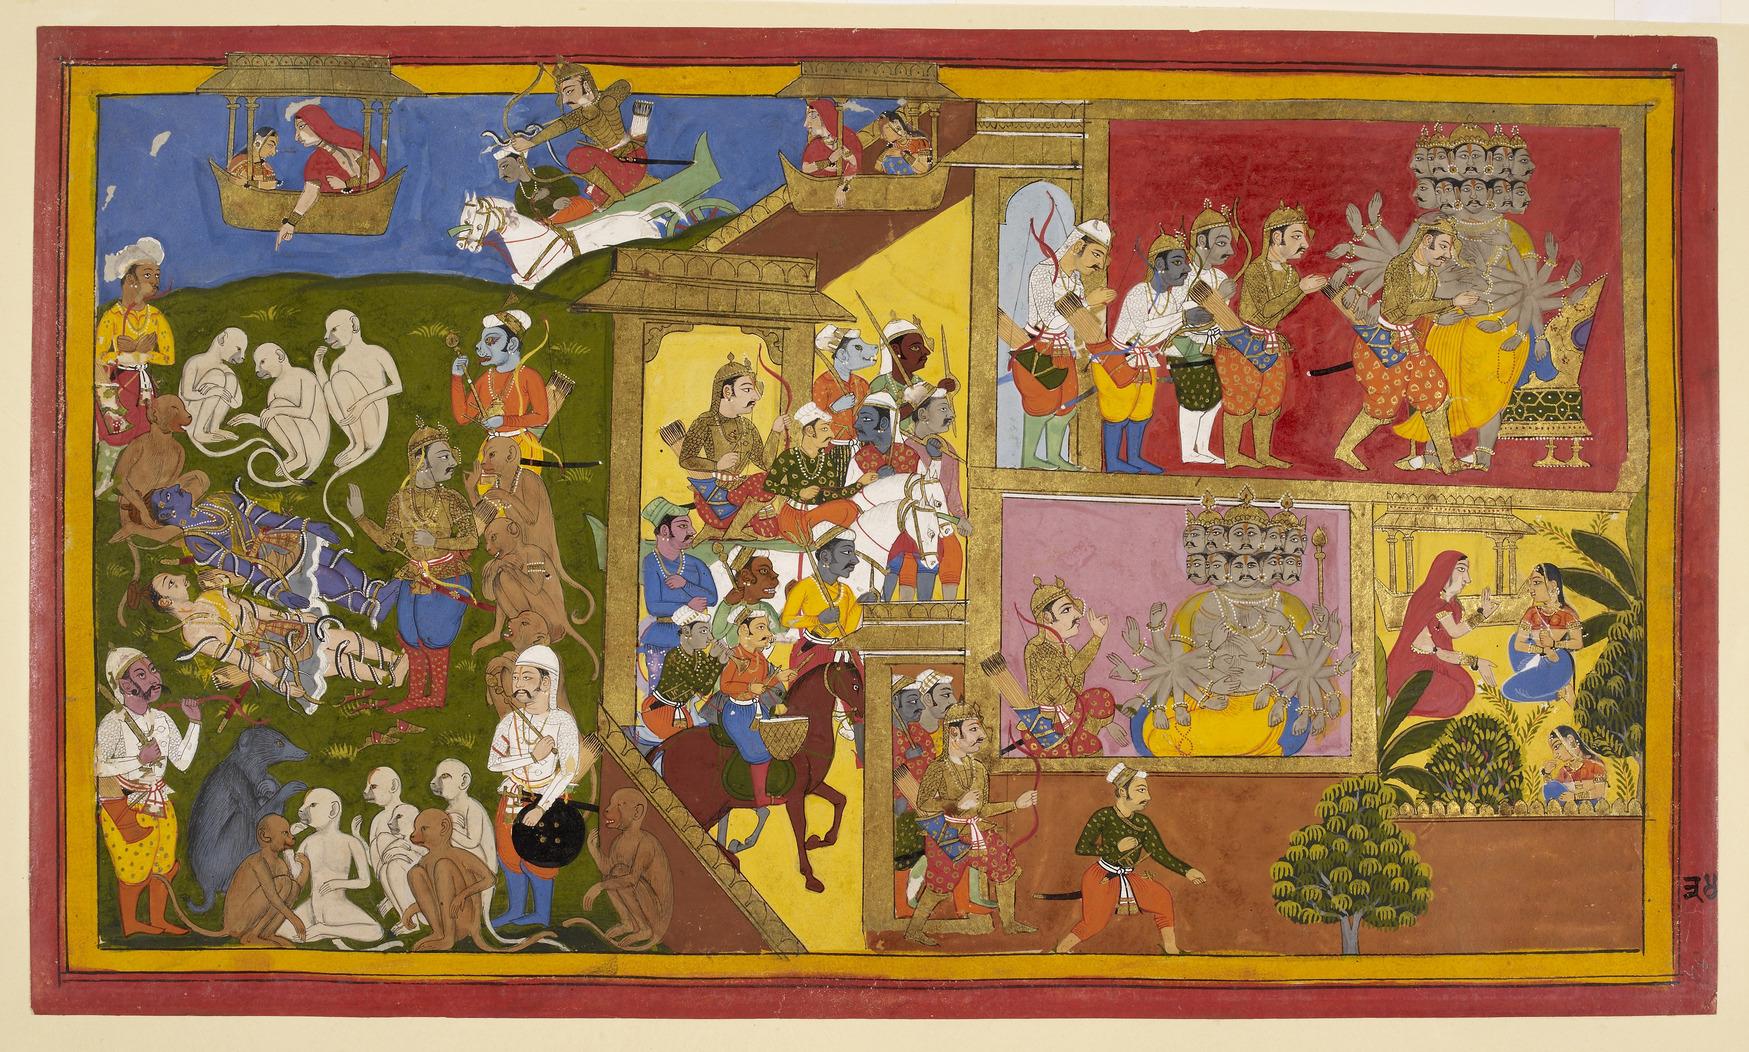 Ramayana yuddha kanda.jpg